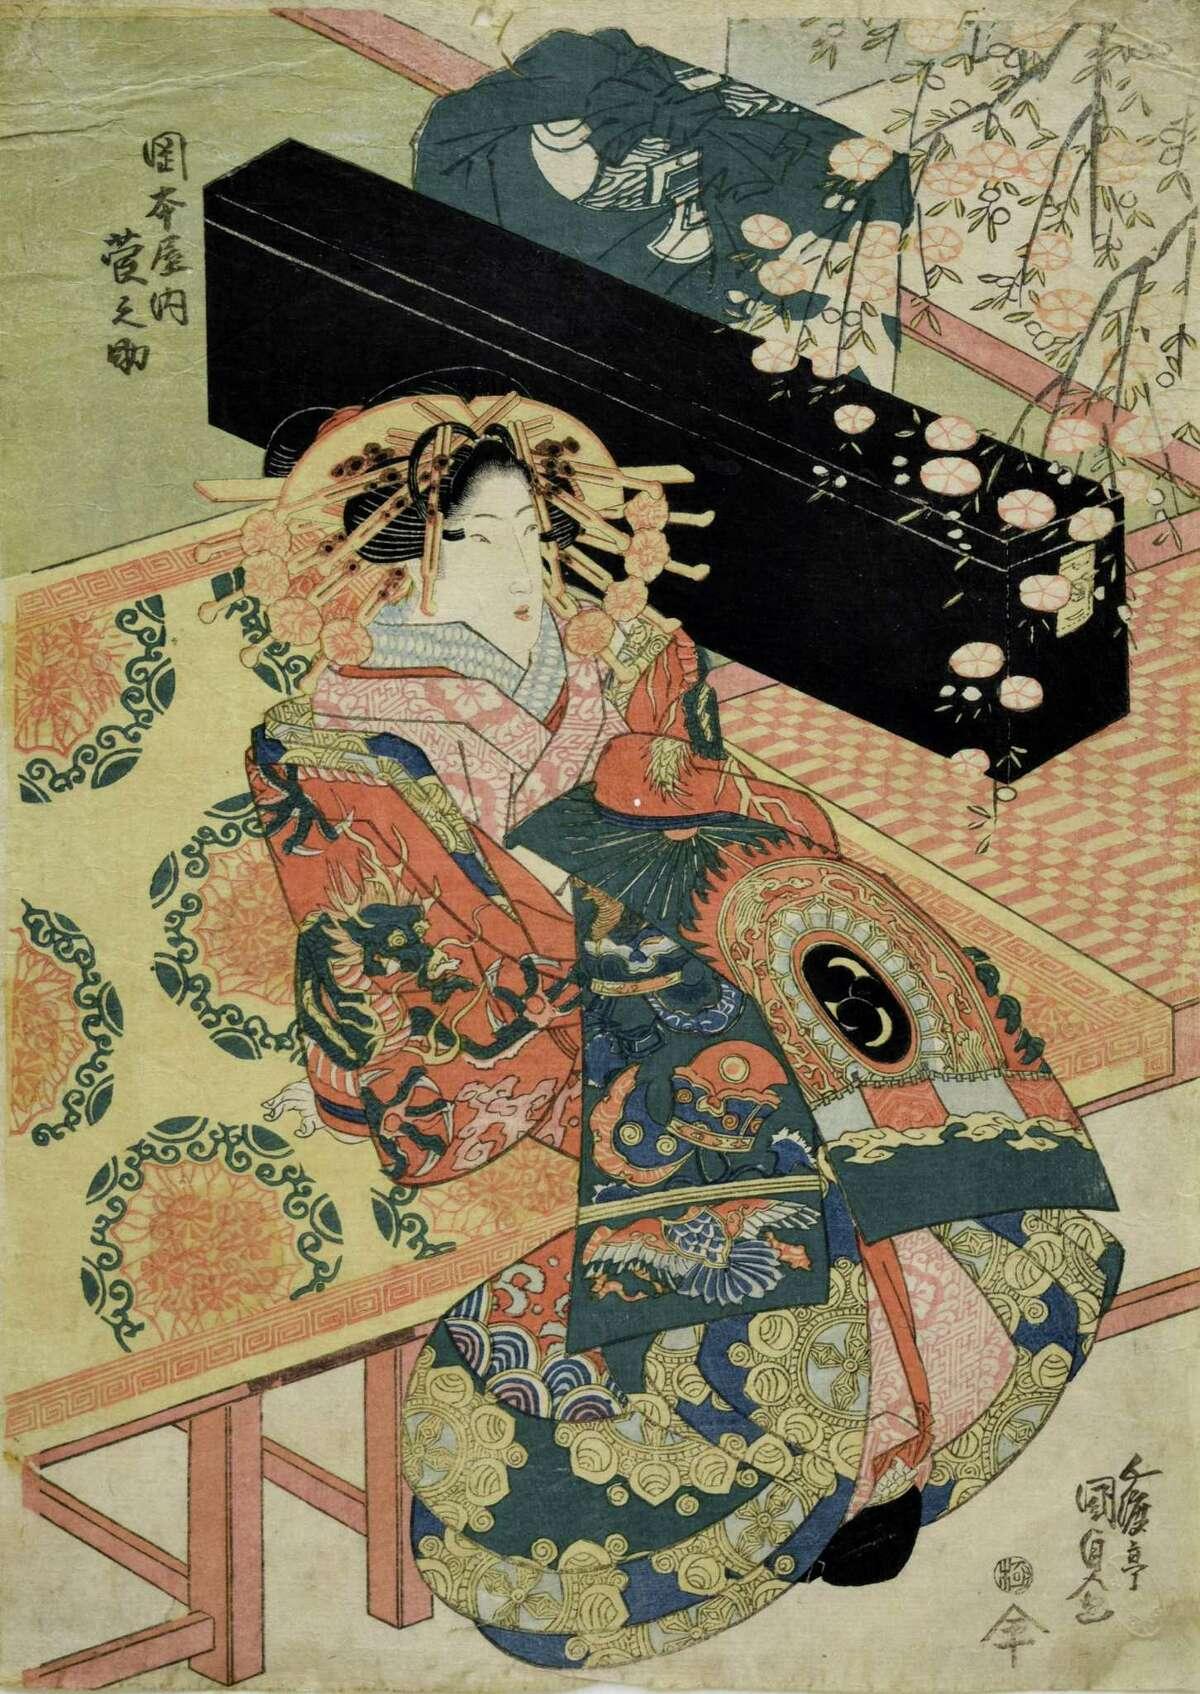 Utagawa Kunisada (Toyokuni III), (Japanese, 1786-1865), Uryûno of the Okamotoya will be on display at the Bruce Museum through Nov. 1.